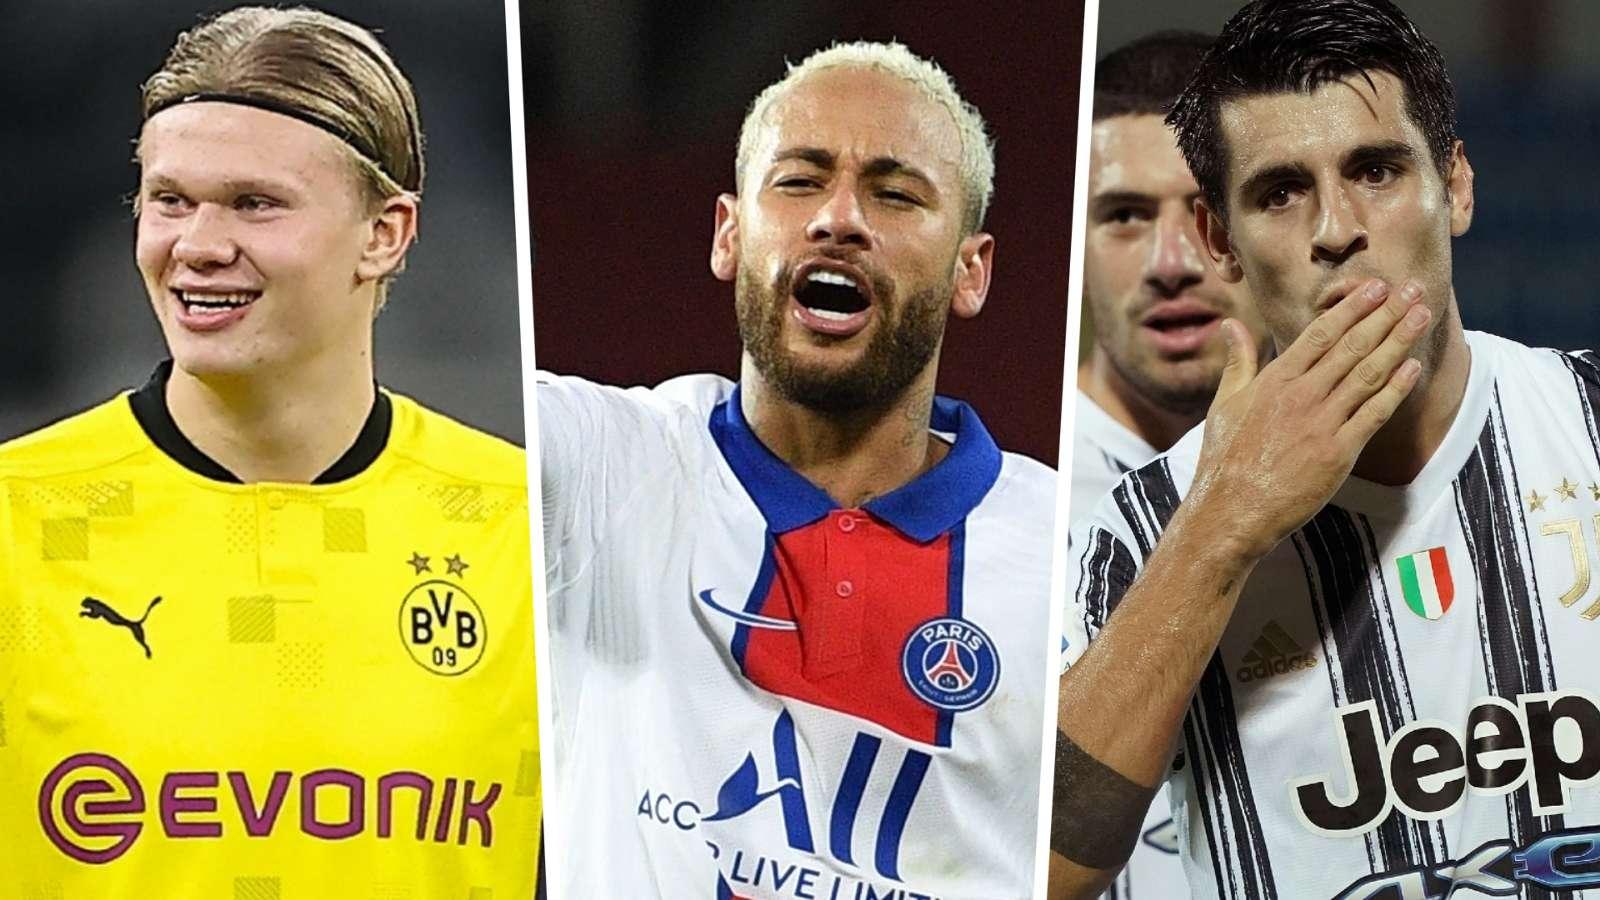 Vua phá lưới Champions League 2020-21: Haaland, Neymar và Morata đang dẫn đầu danh sách